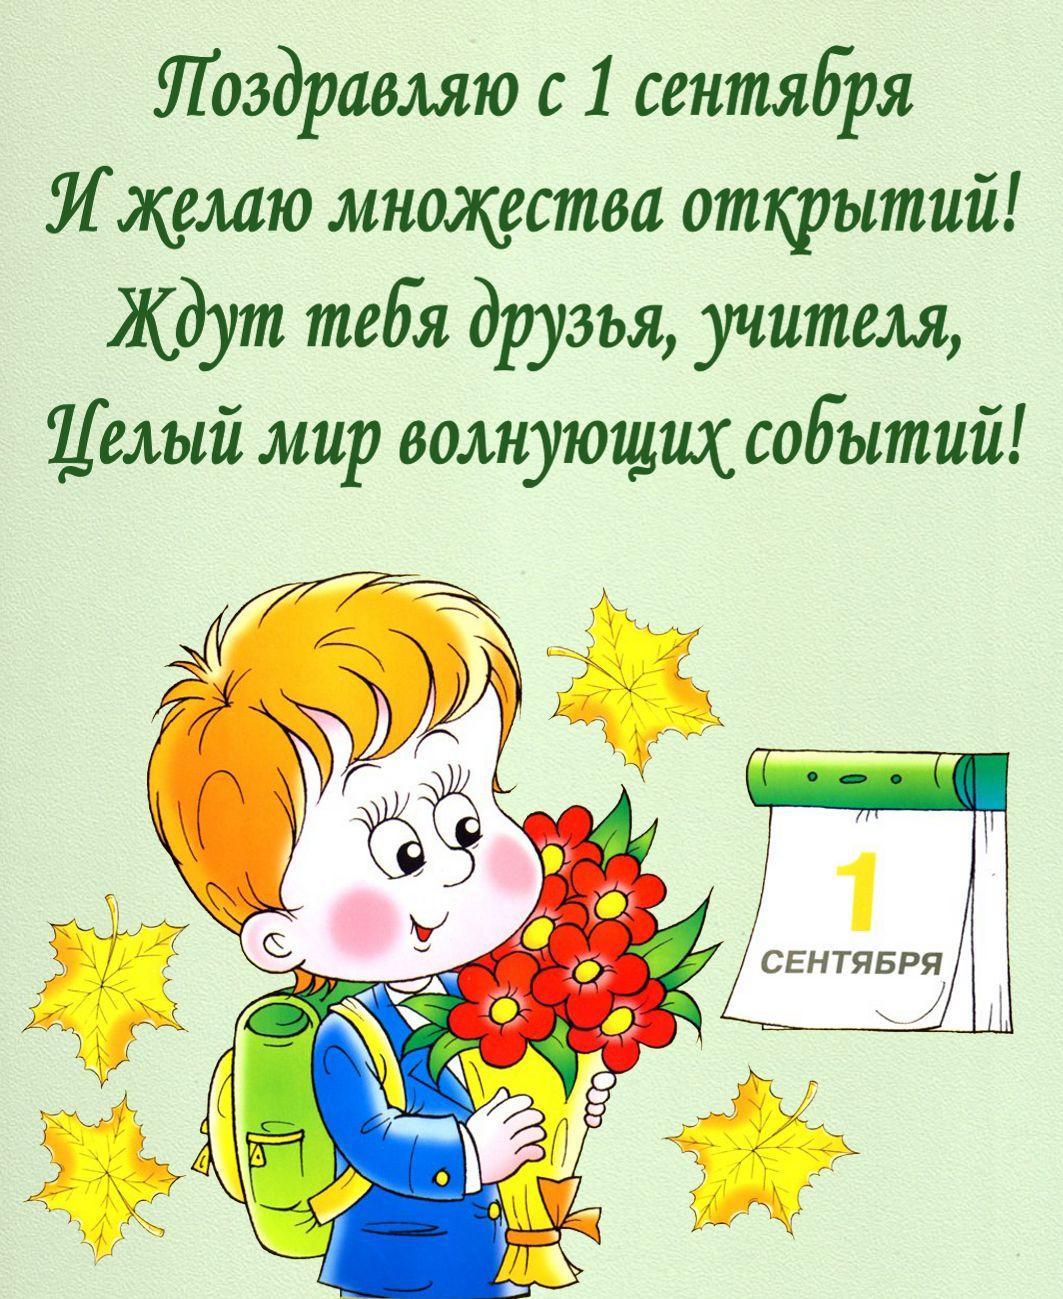 Поздравления для учителей от первоклассников в день учителя